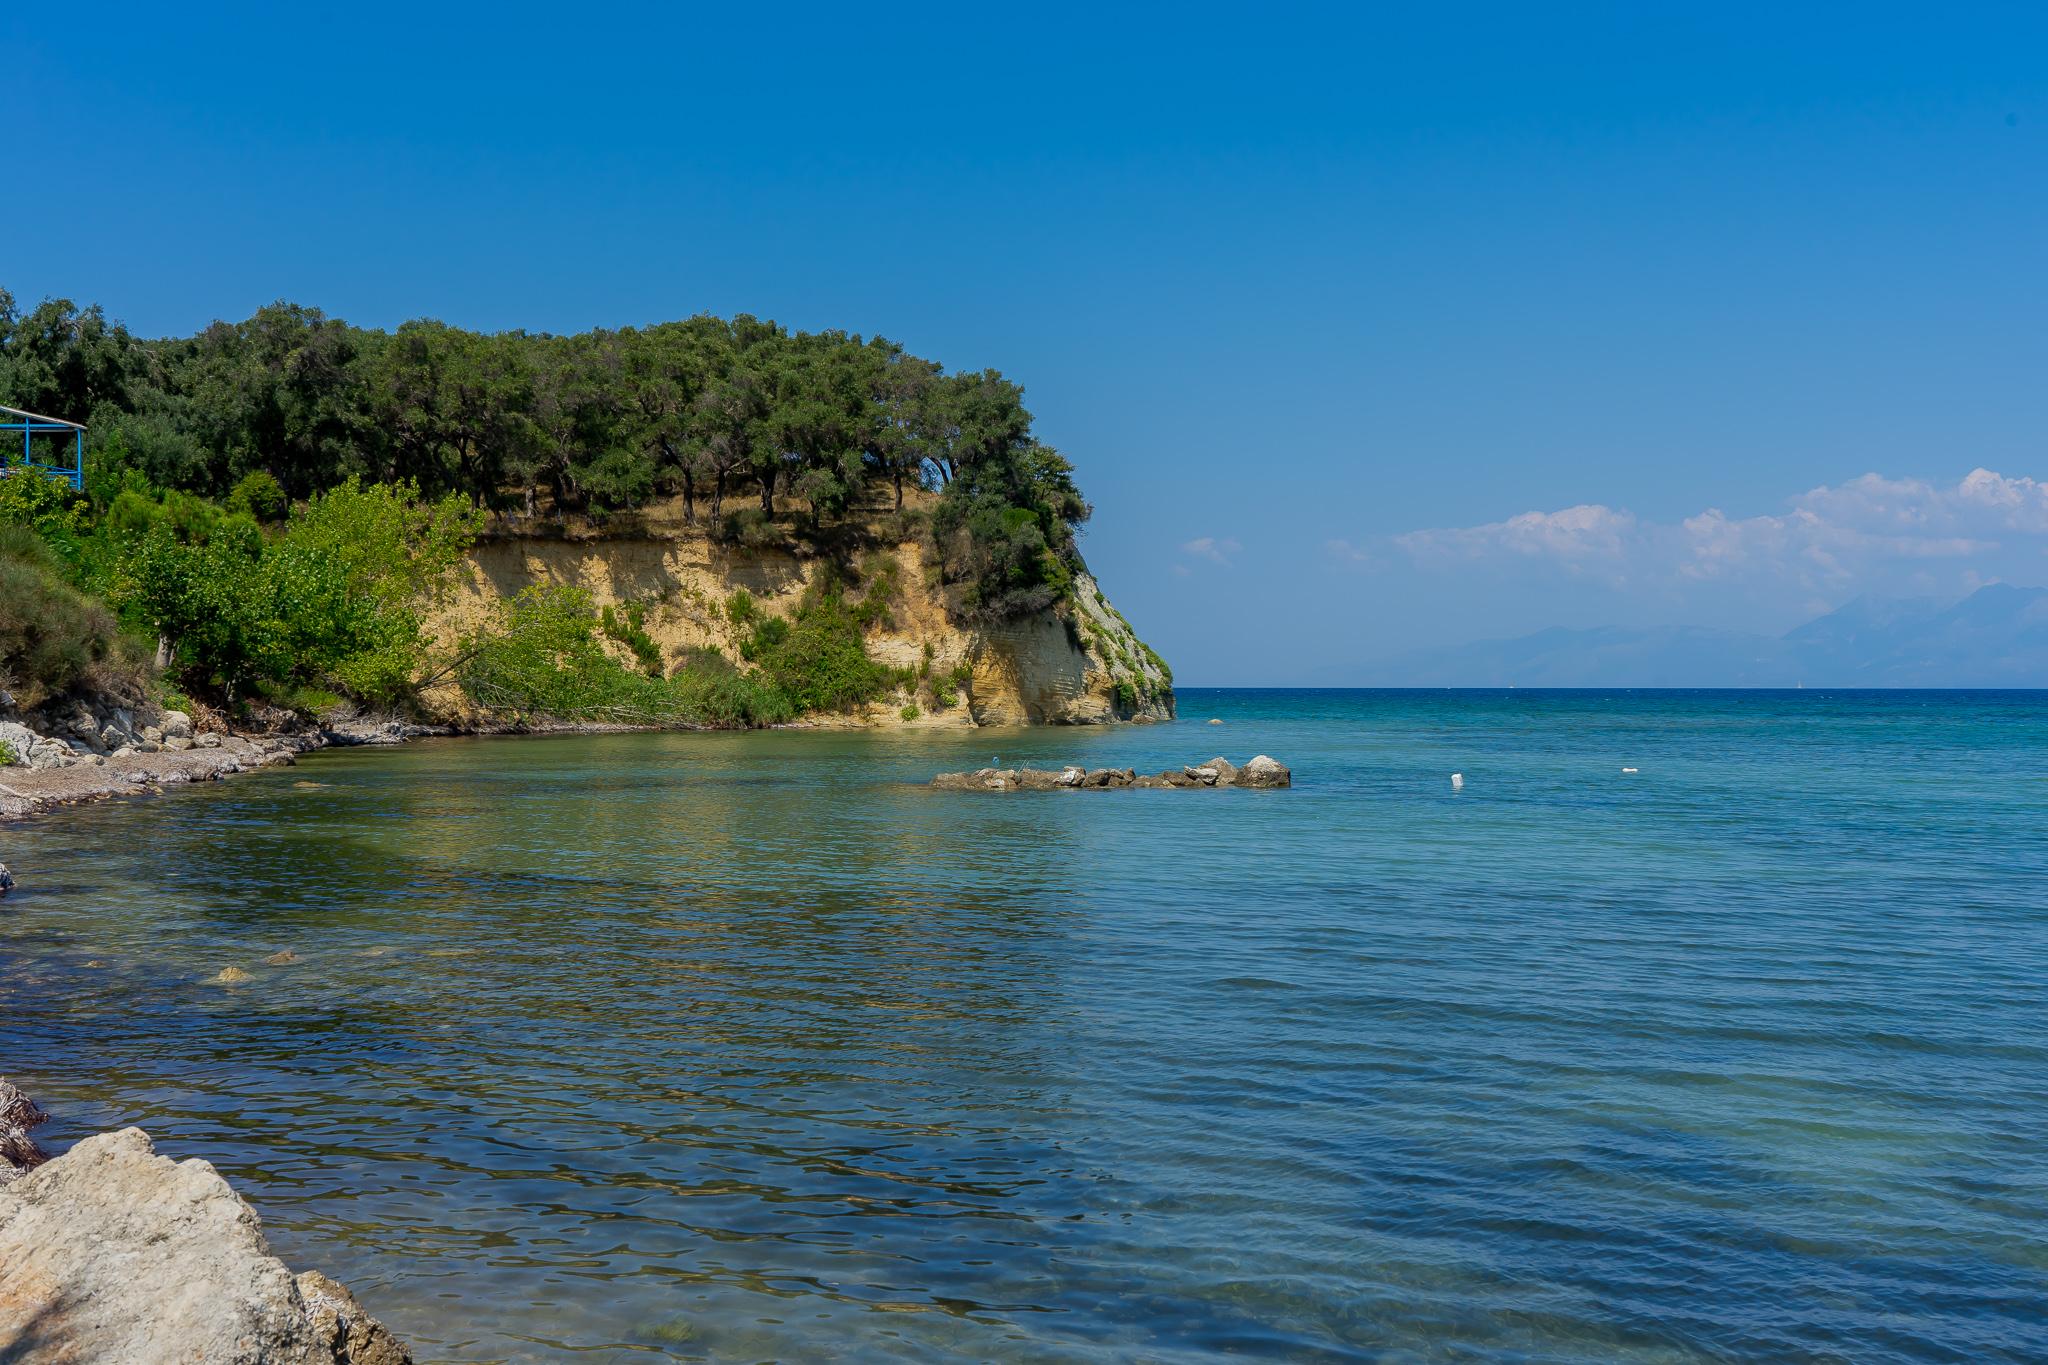 Αστρακερή Καρουσάδες Κέρκυρα παραλία